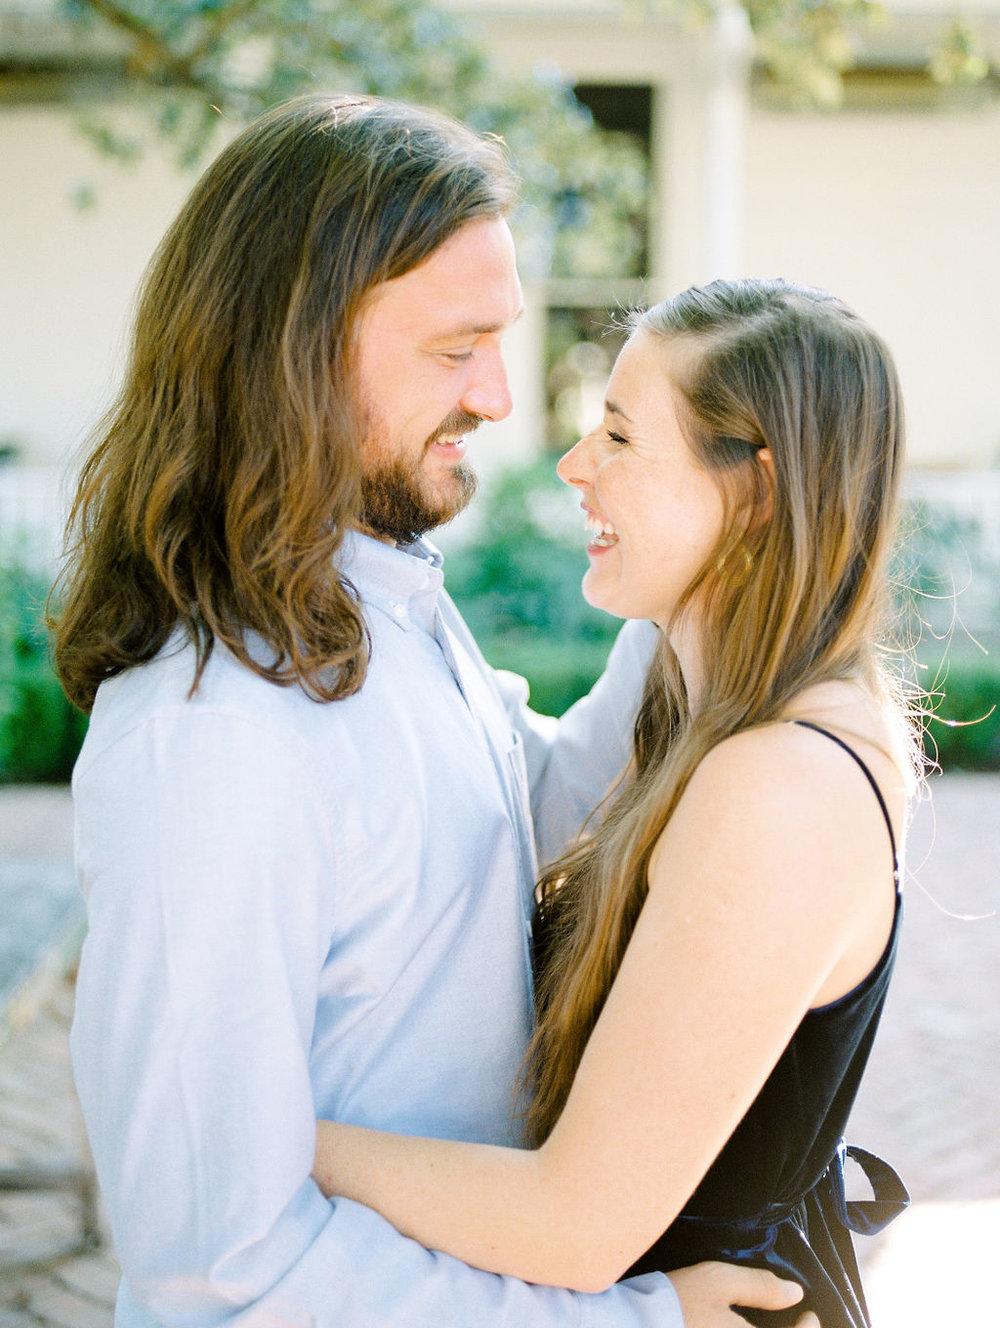 Austin-Film-Wedding-Engagement-Photographer-Mattie's-Green-Pastures-7.jpg